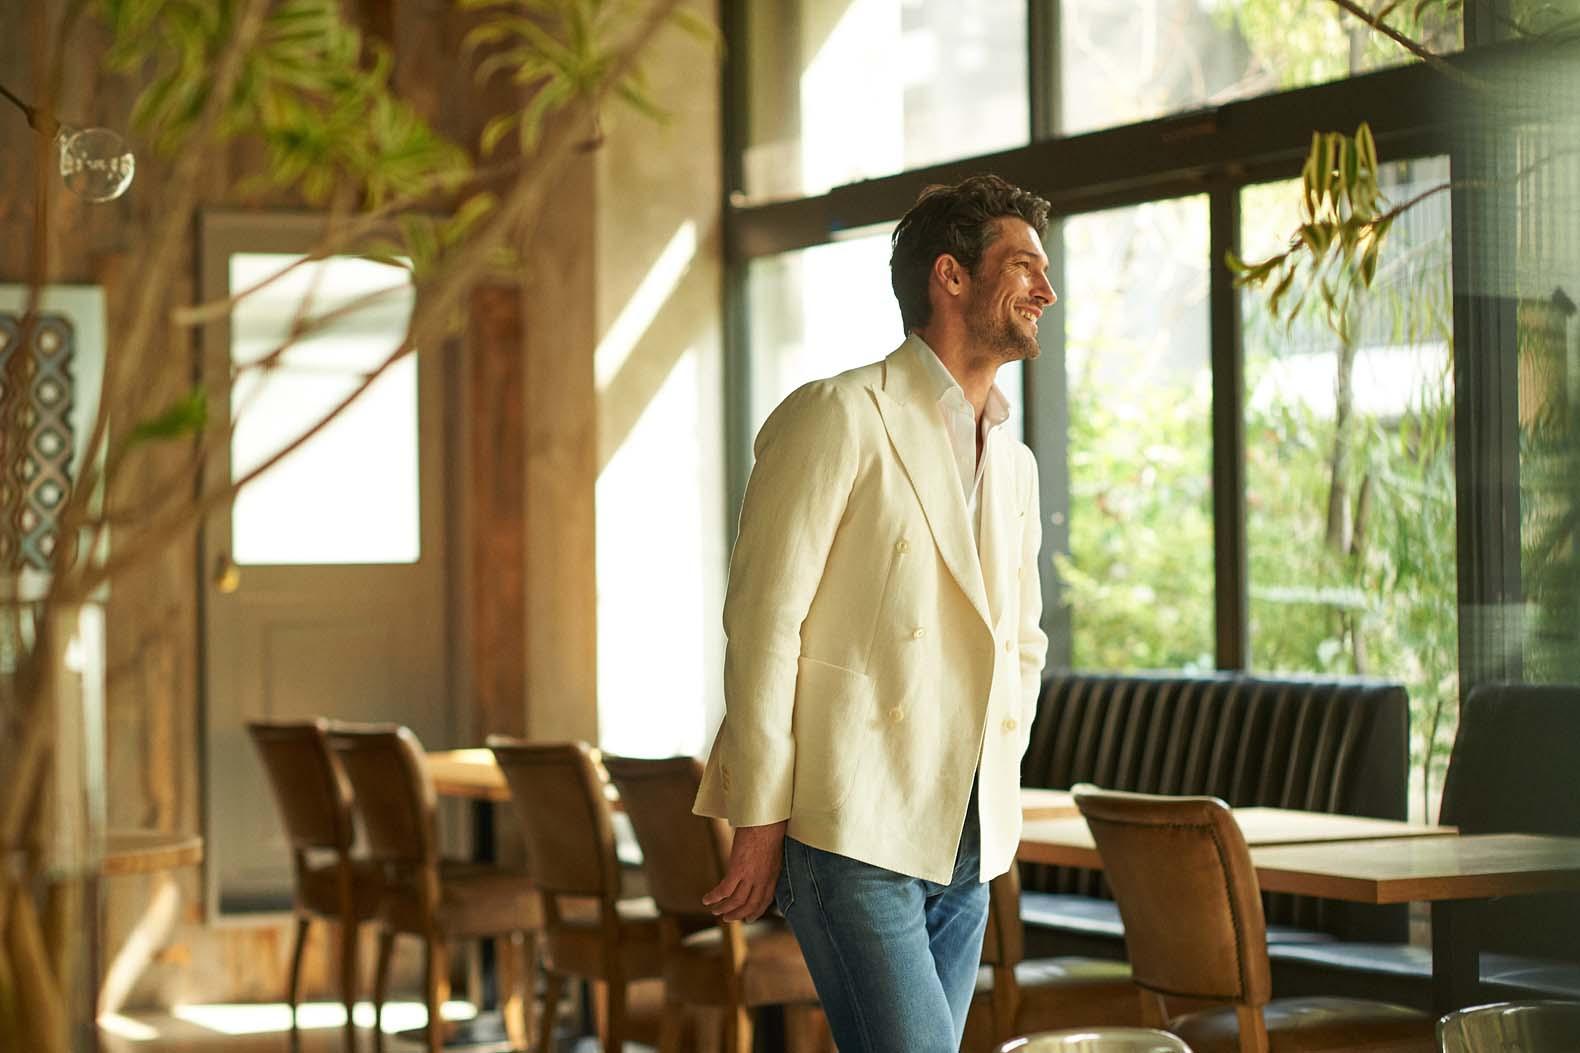 仕事のできるオトコほど、白アイテムを好んで着る